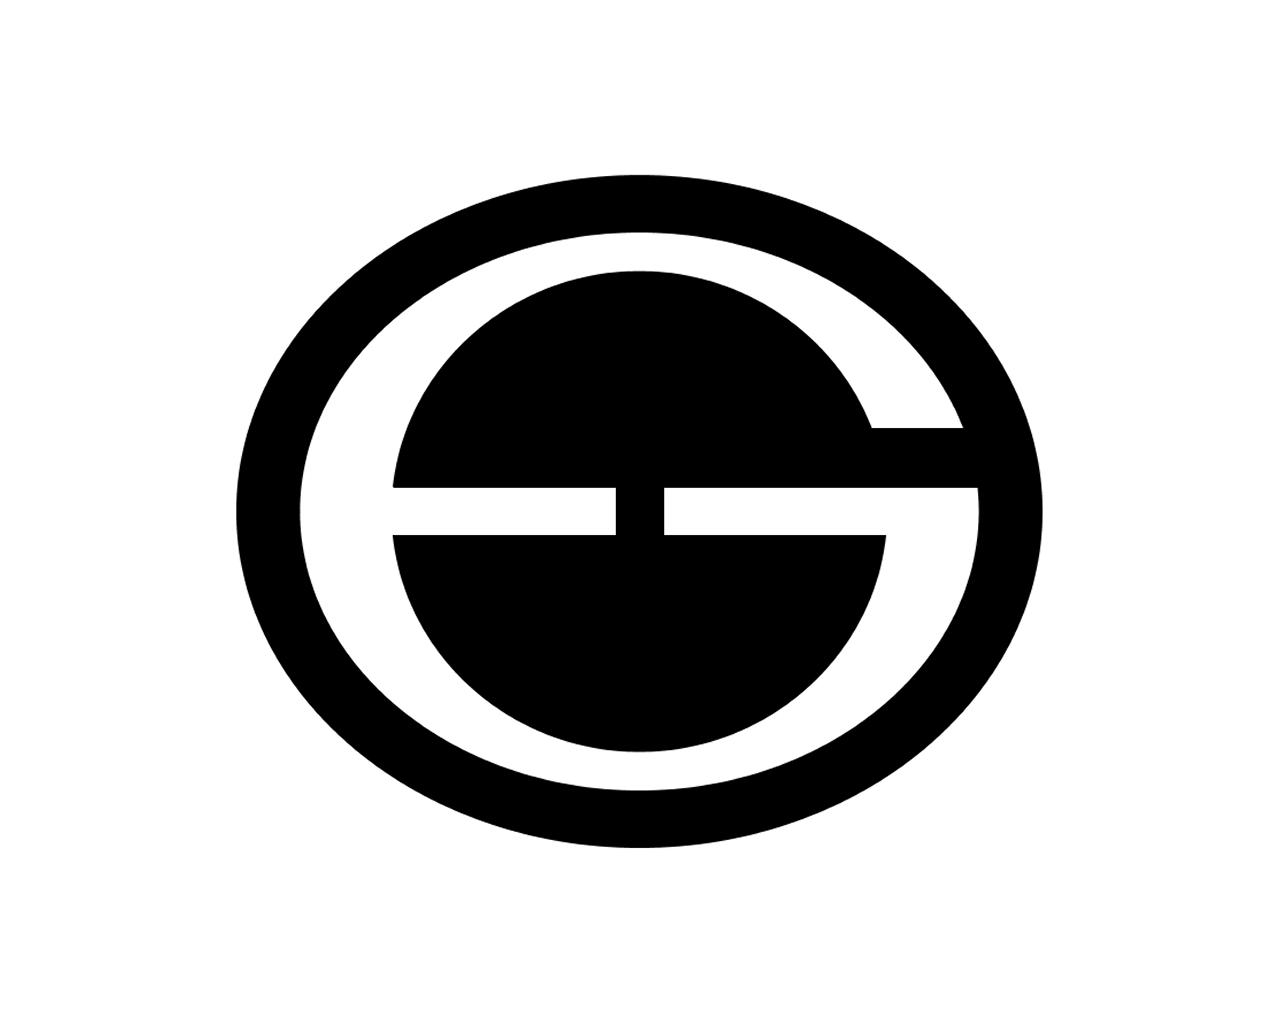 Elastigirl Logos.